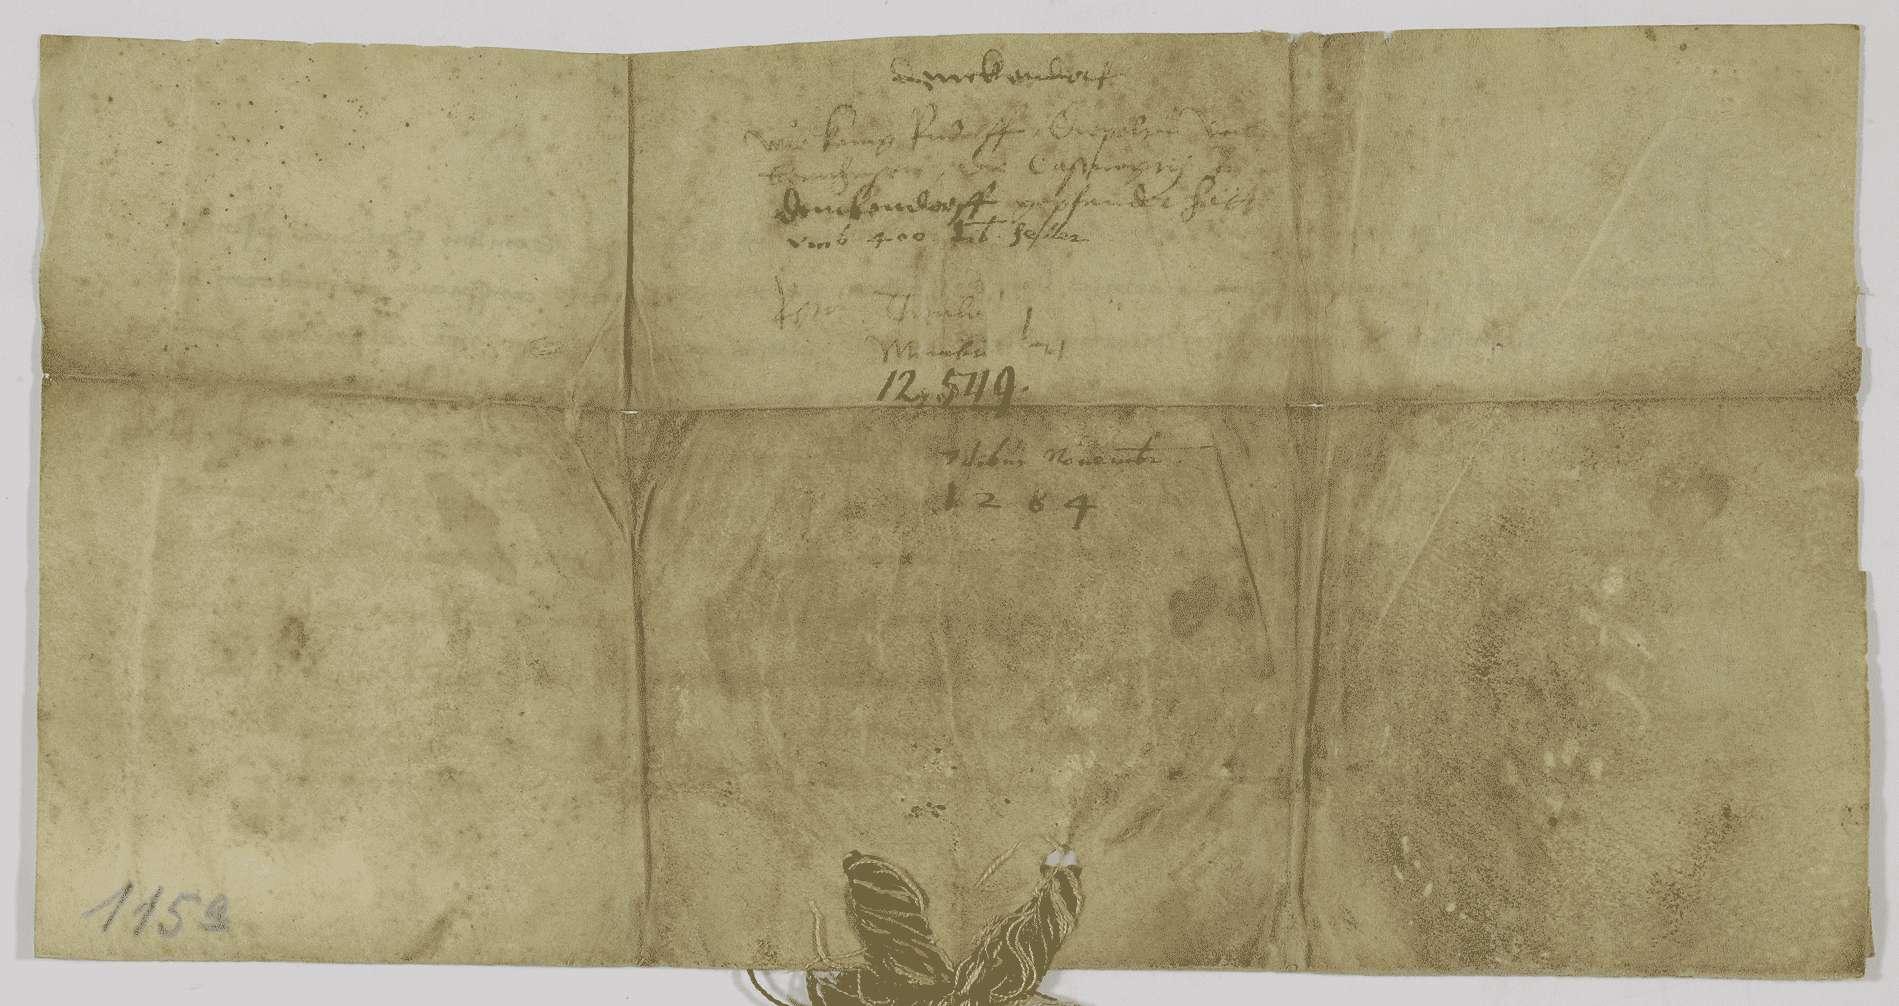 König Rudolf verpfändet Diebold von Bernhausen die Vogtei des Stifts Denkendorf um 400 Pfund Heller., Bild 2